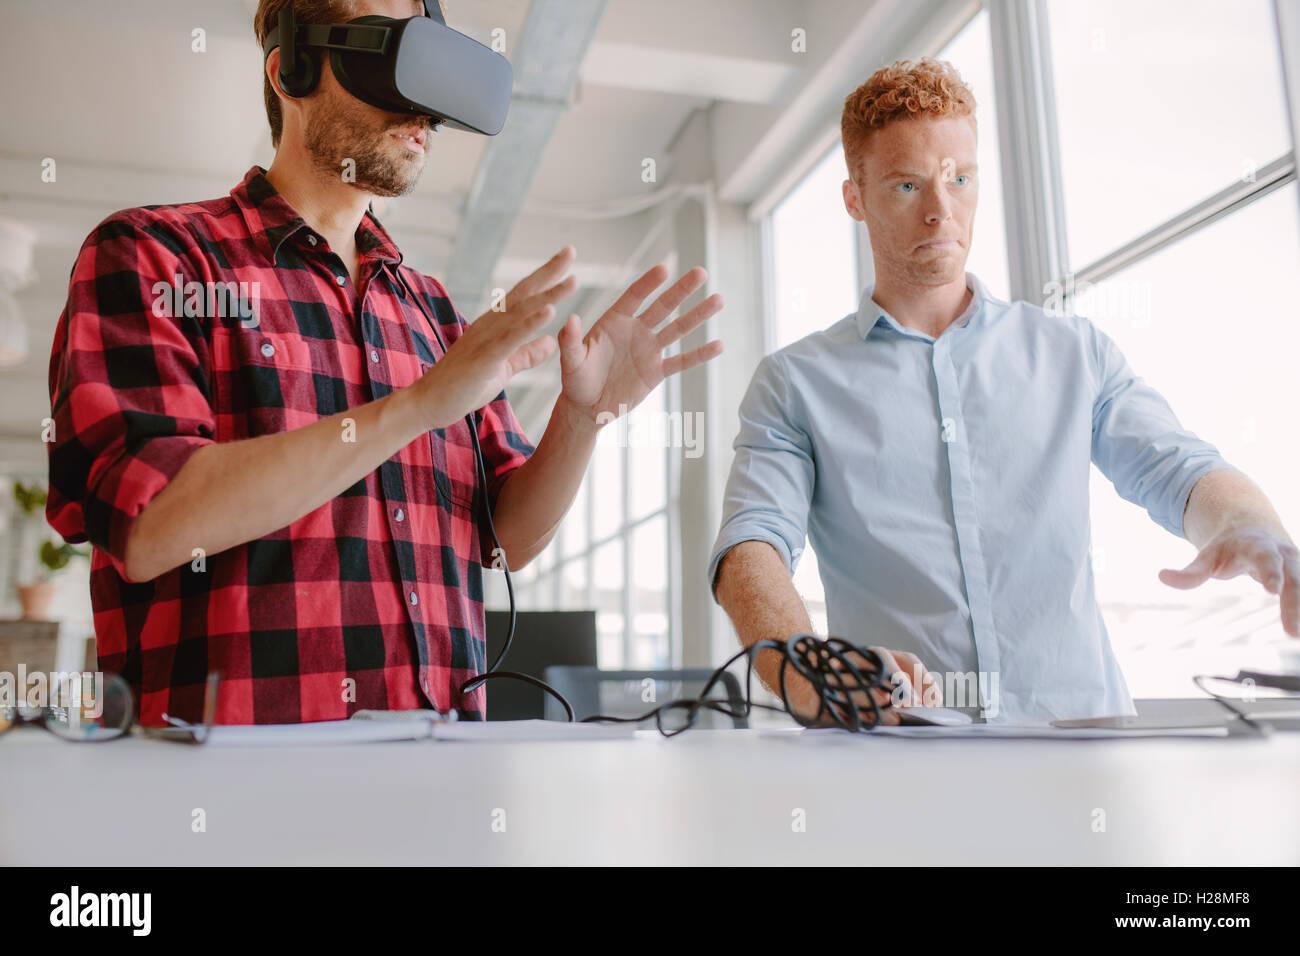 Los desarrolladores probar un dispositivo de realidad aumentada con una amplia gama de usos, desde juegos hasta Imagen De Stock